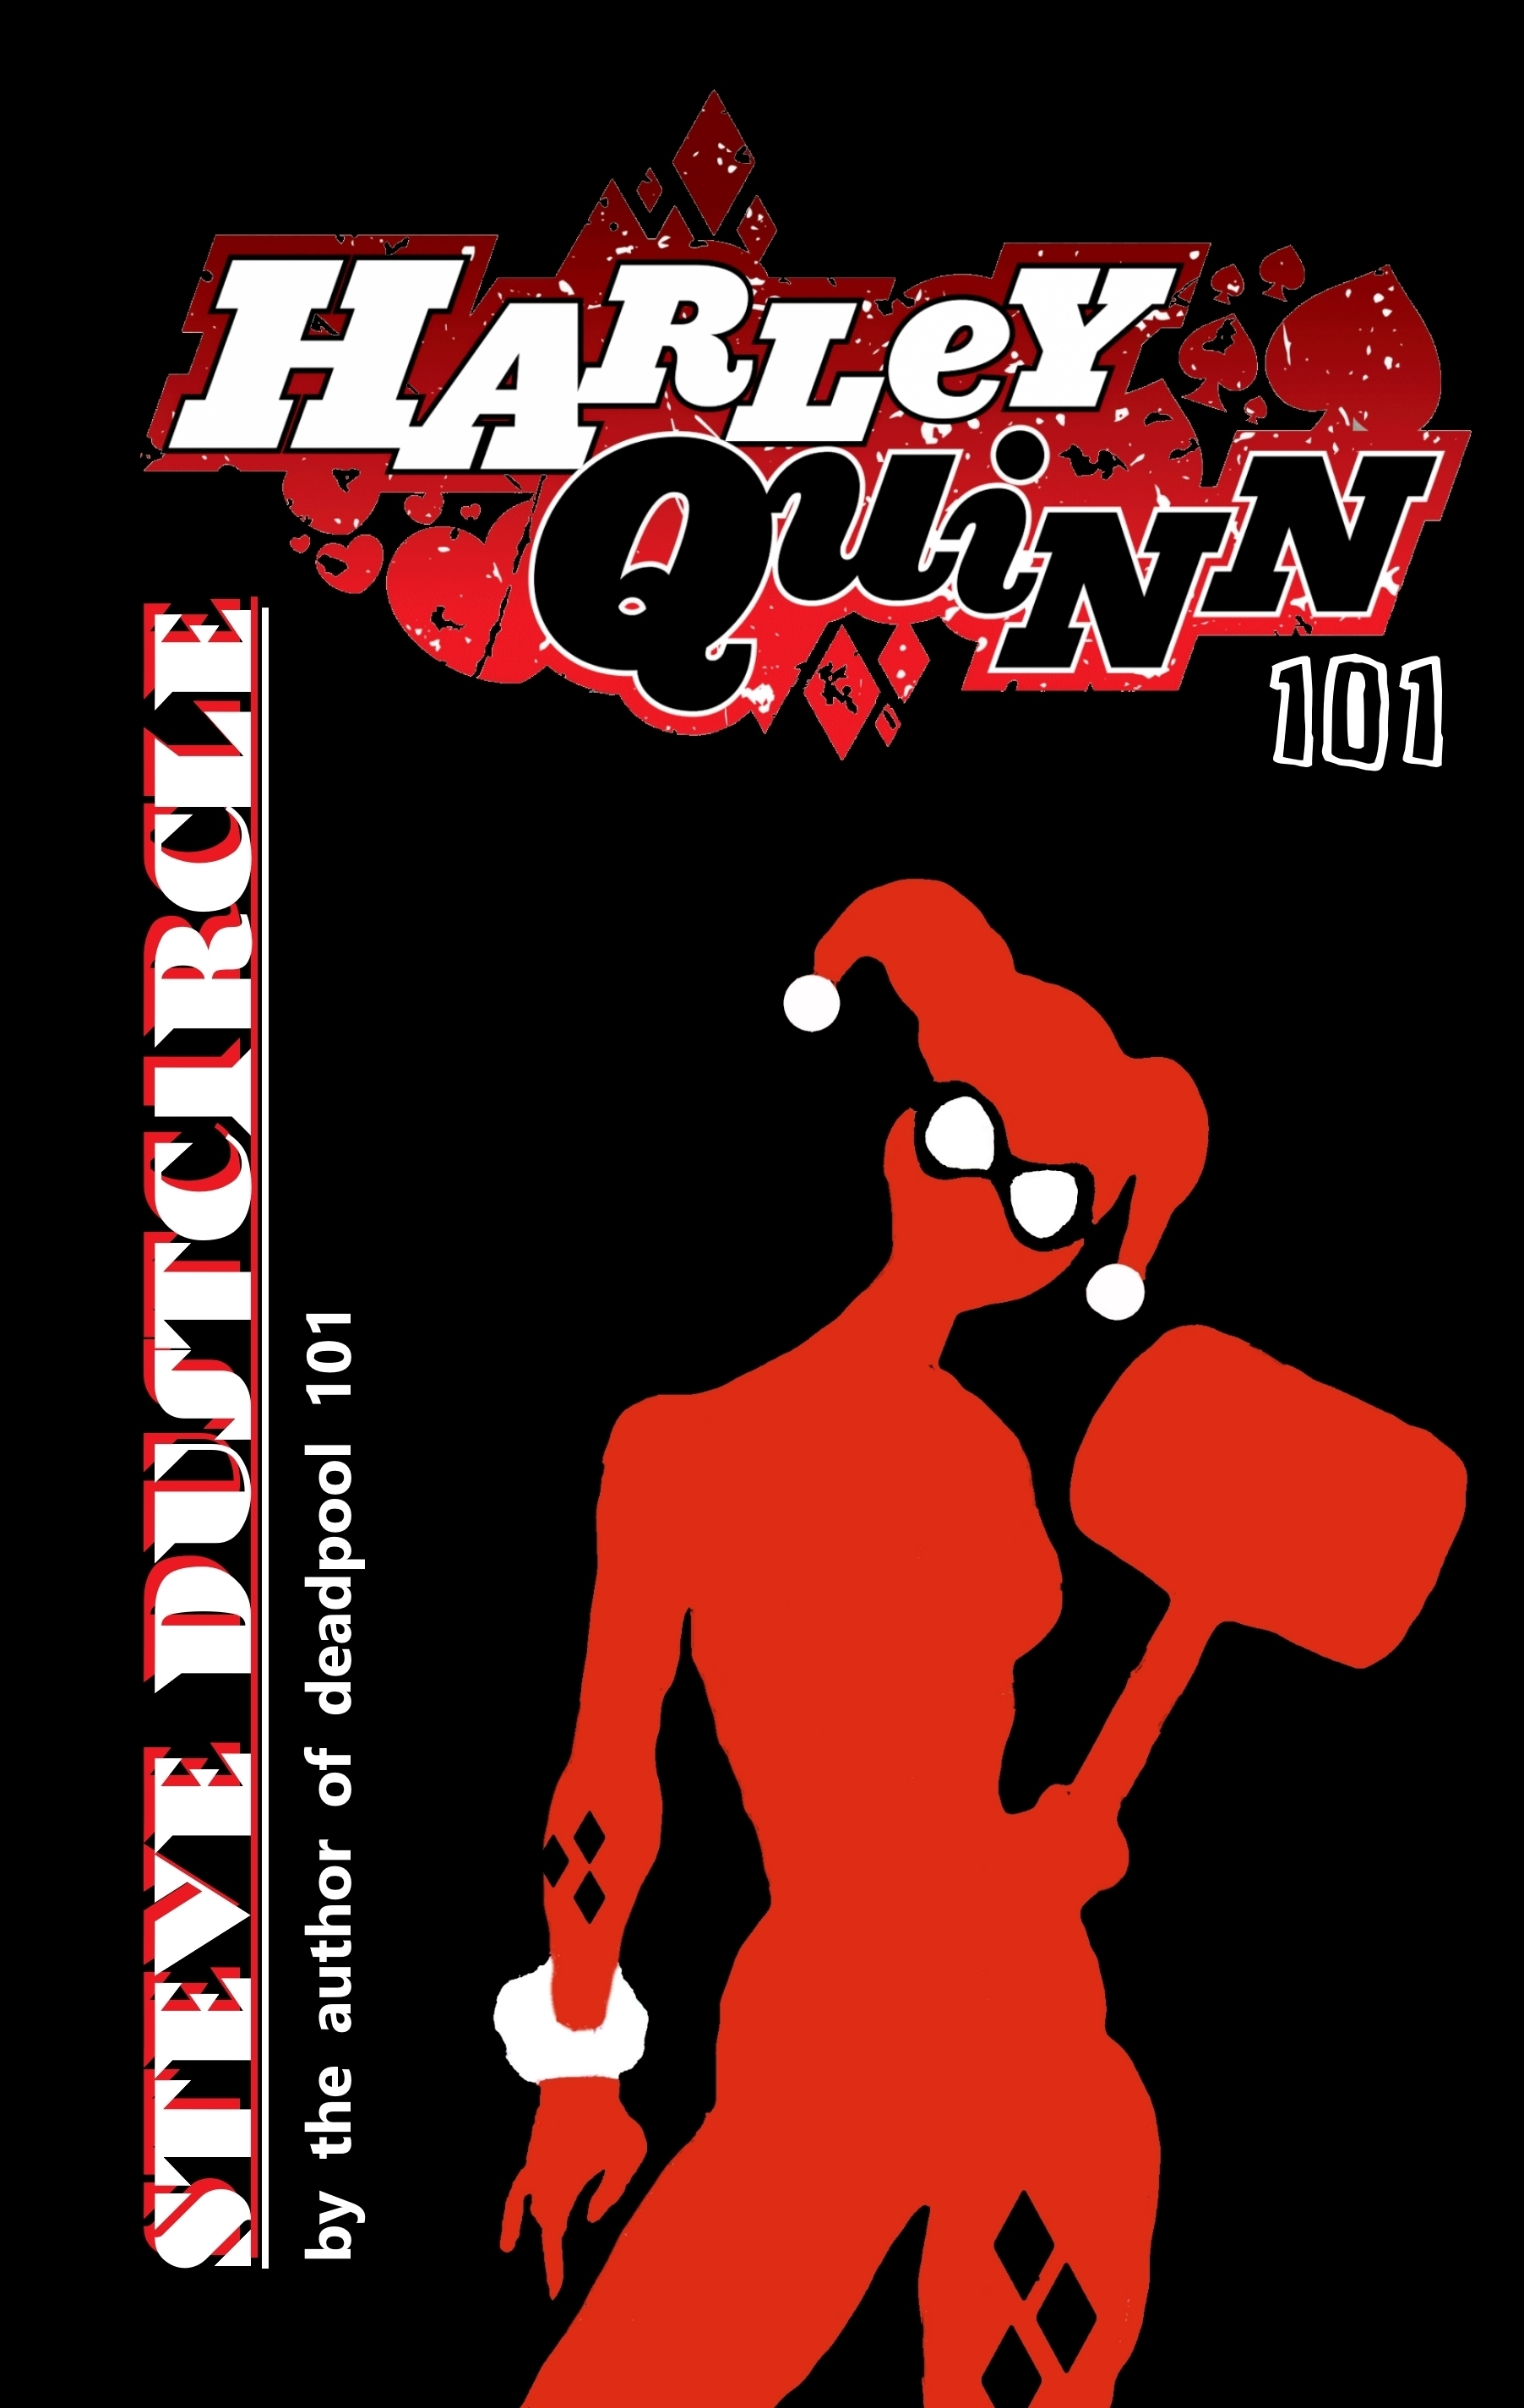 Harley Quinn 101 Steve Dustcircle